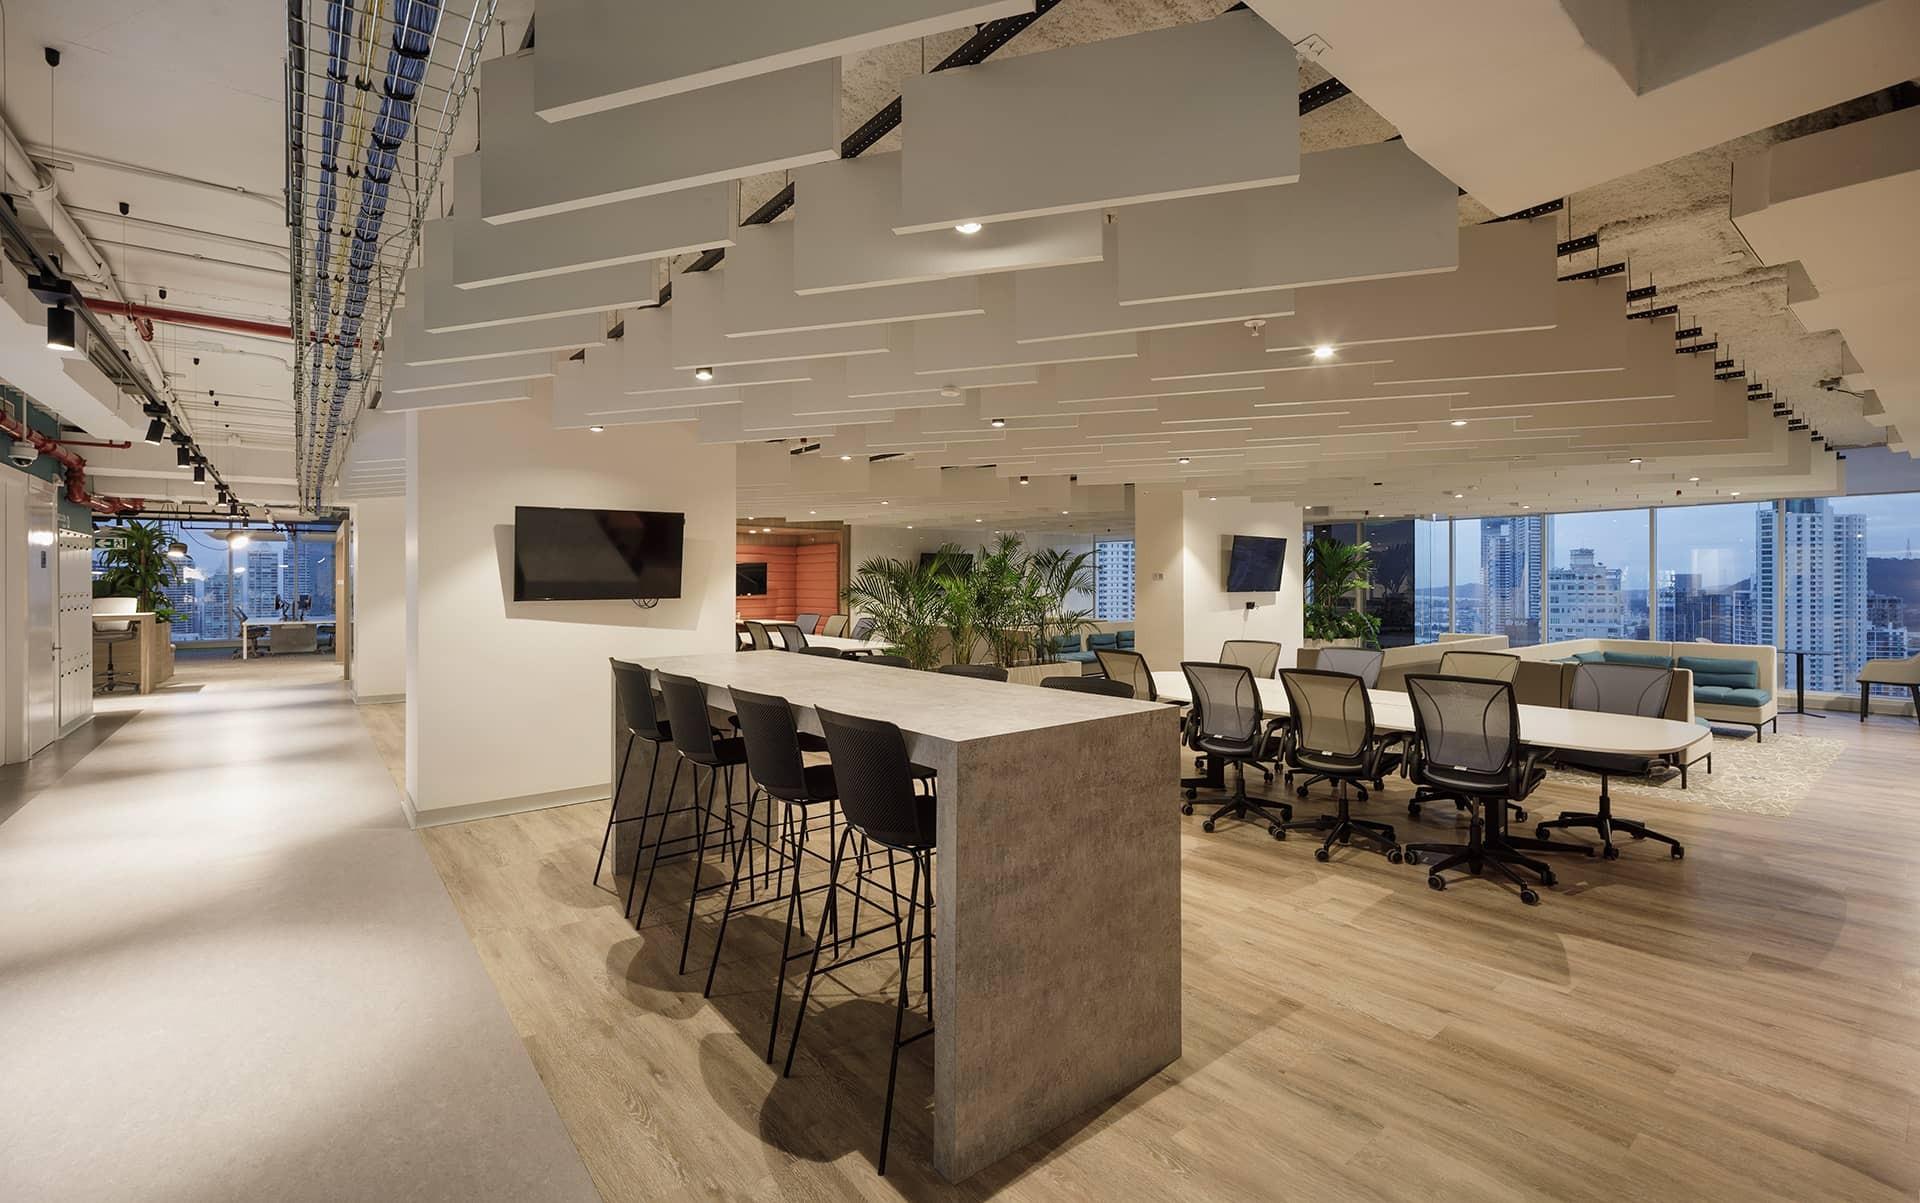 Mallol Arquitectura: Una empresa que crea proyecto exclusivos y poderosos mallol arquitectos Mallol Arquitectos: Una empresa que crea proyecto exclusivos y poderosos 2017134 SANOFI OFFICES 01